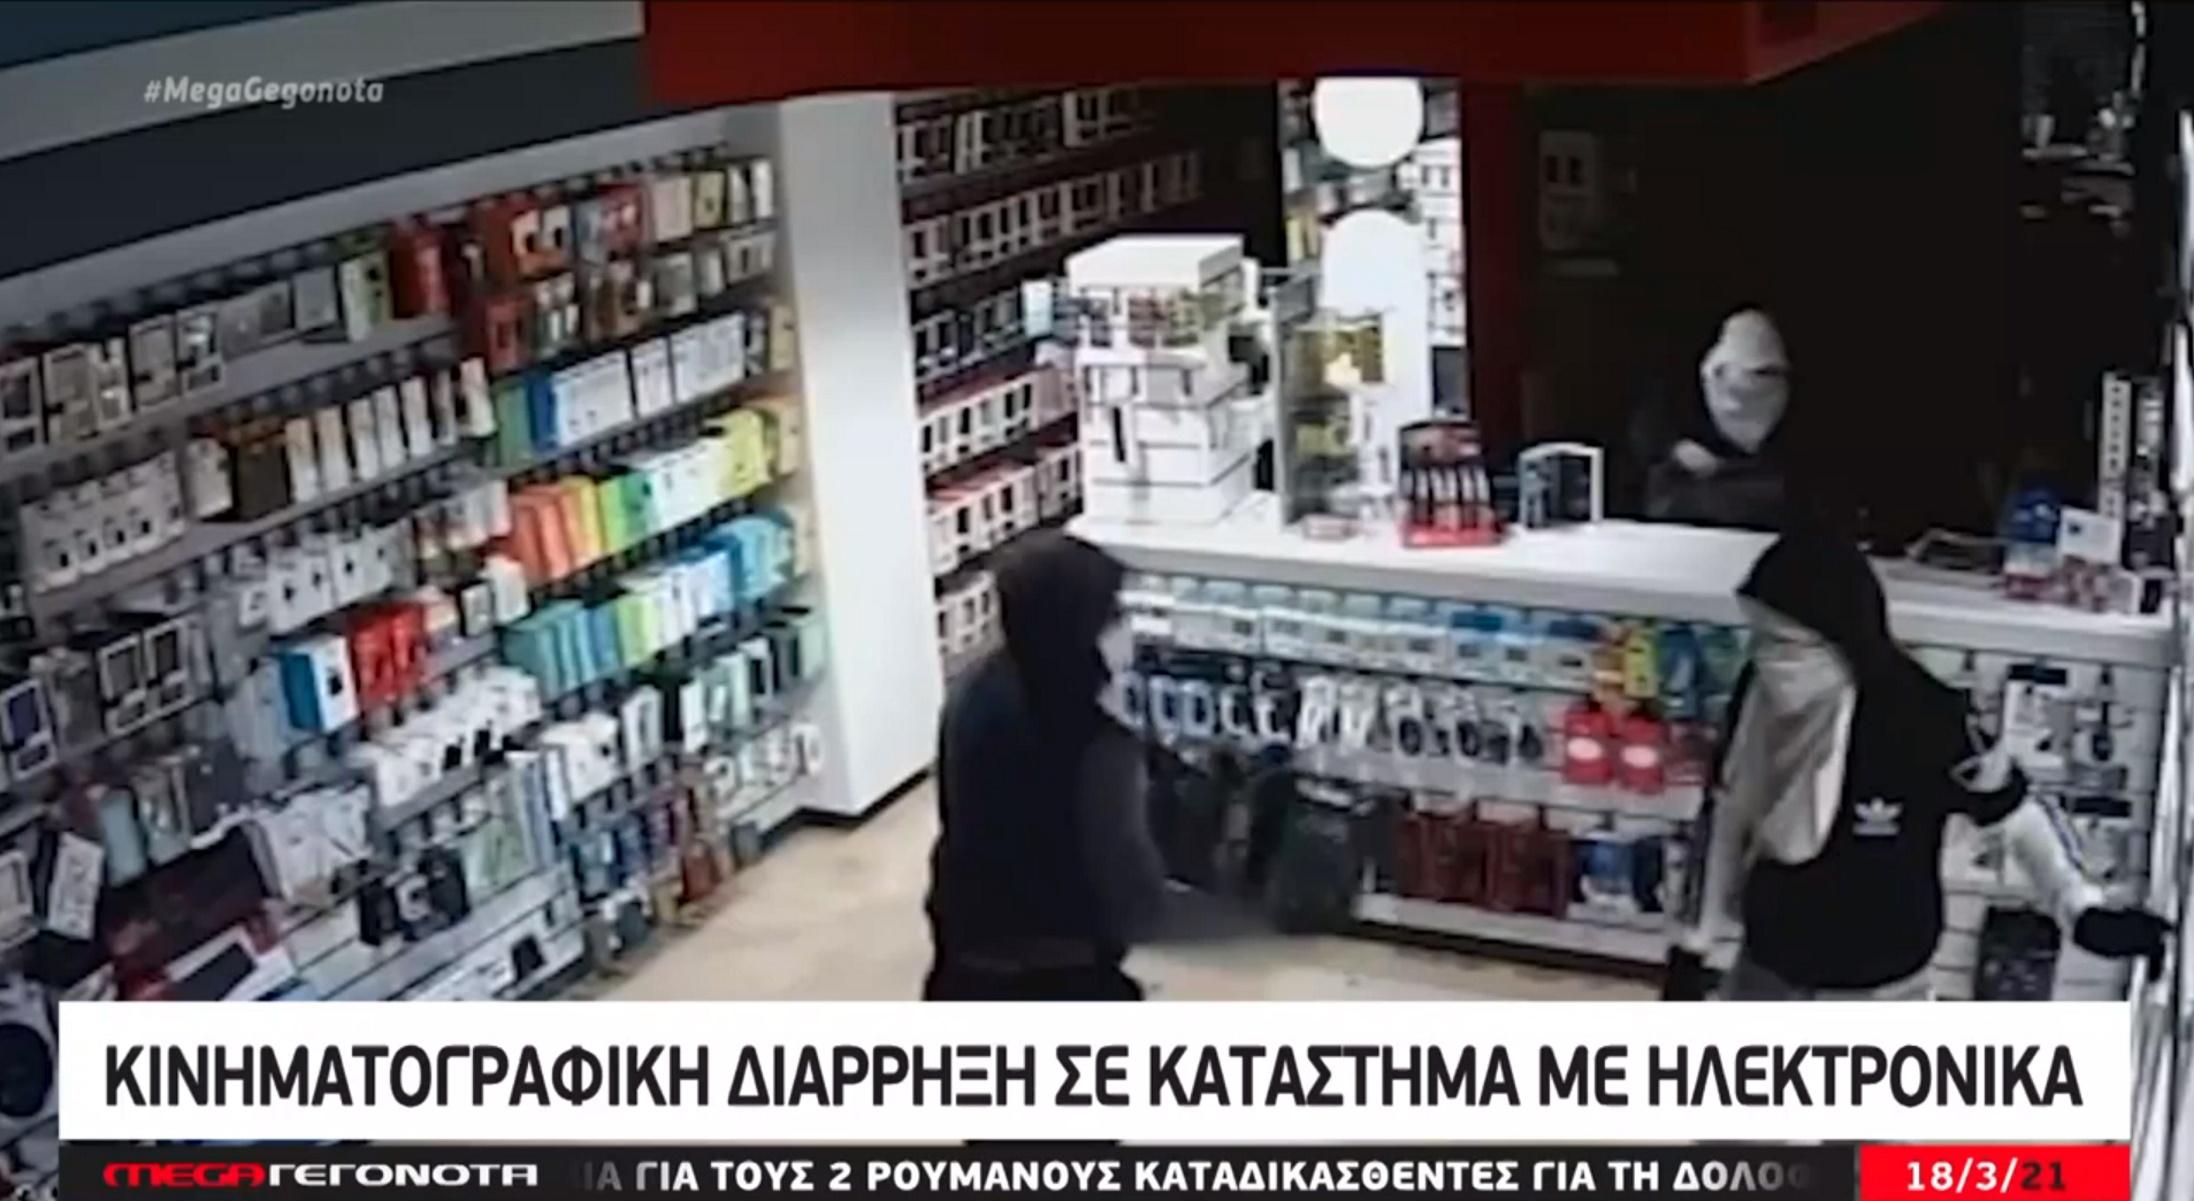 Καρέ καρέ η διάρρηξη σε κατάστημα ηλεκτρονικών στον Πειραιά – Άρπαξαν ό,τι βρήκαν και εξαφανίστηκαν